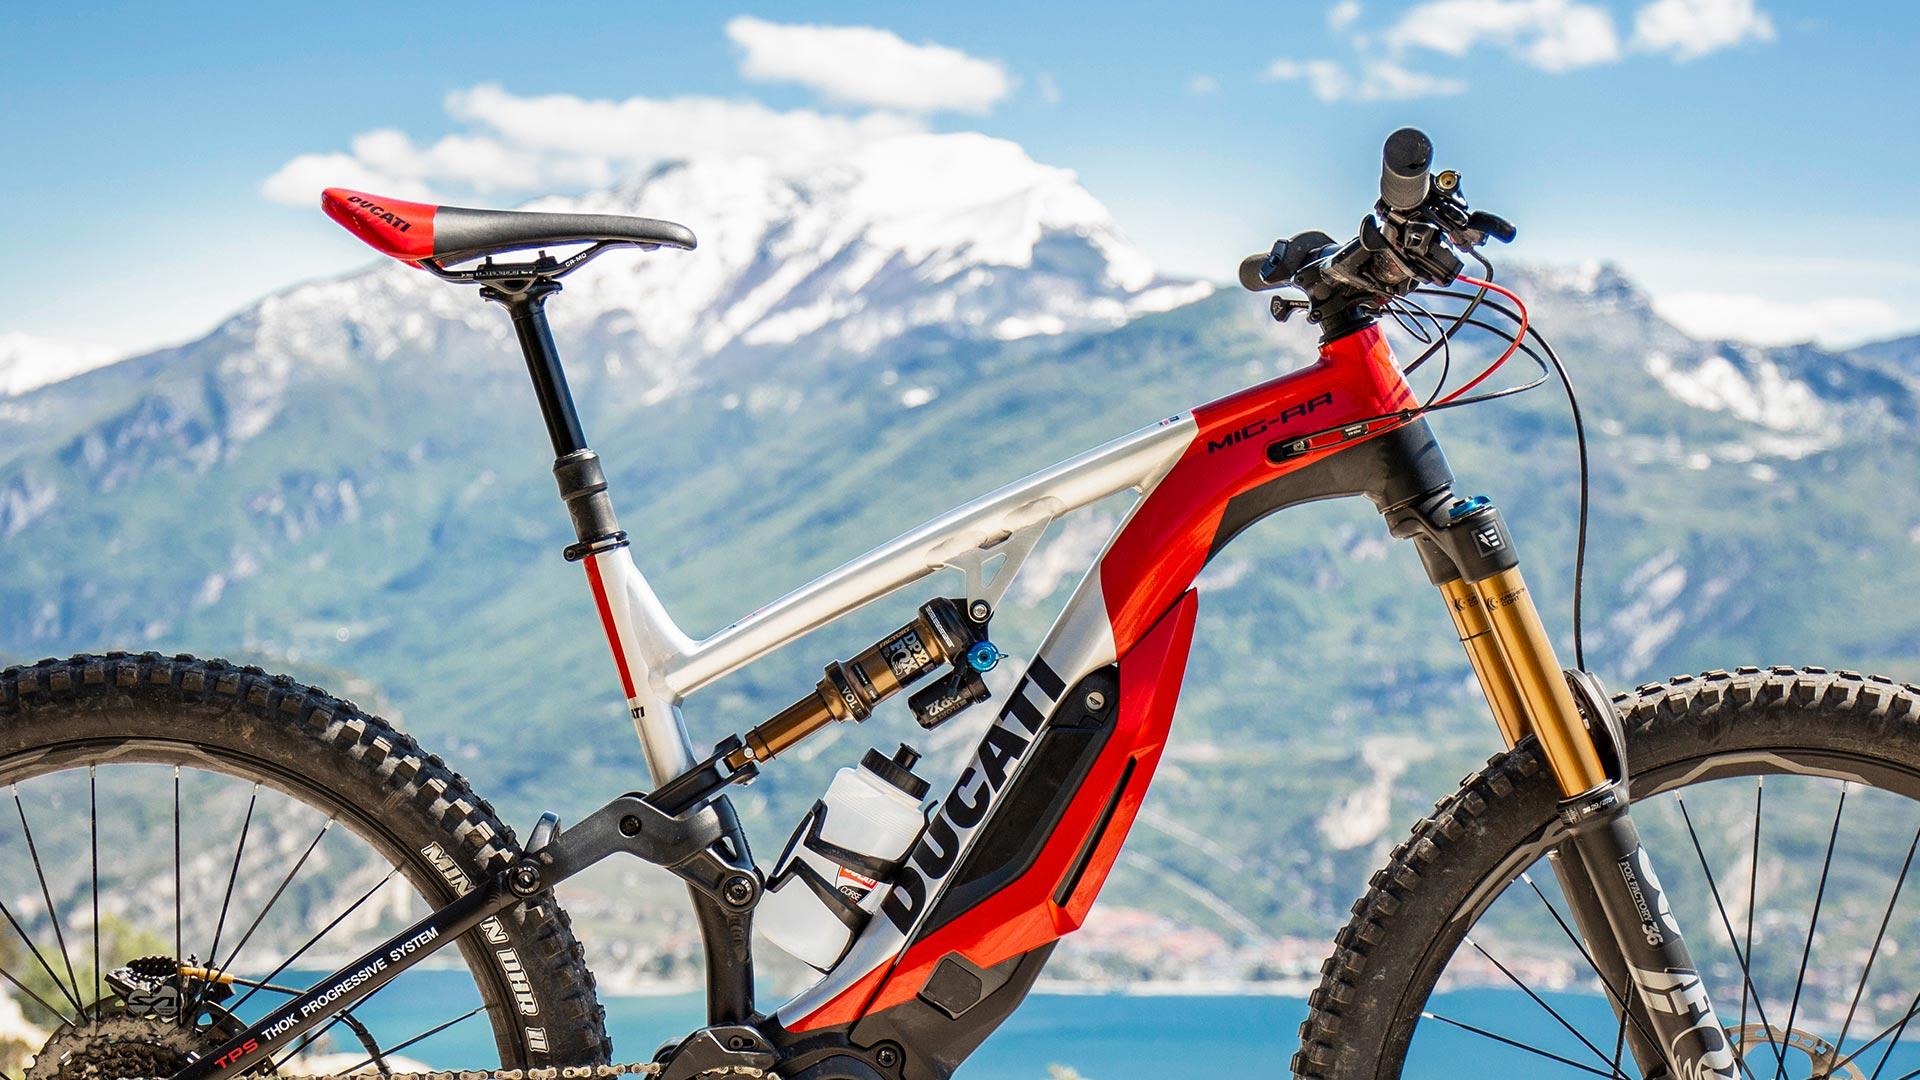 Ducati Mig Rr E Bike La E Mtb Da Enduro Secondo Ducati